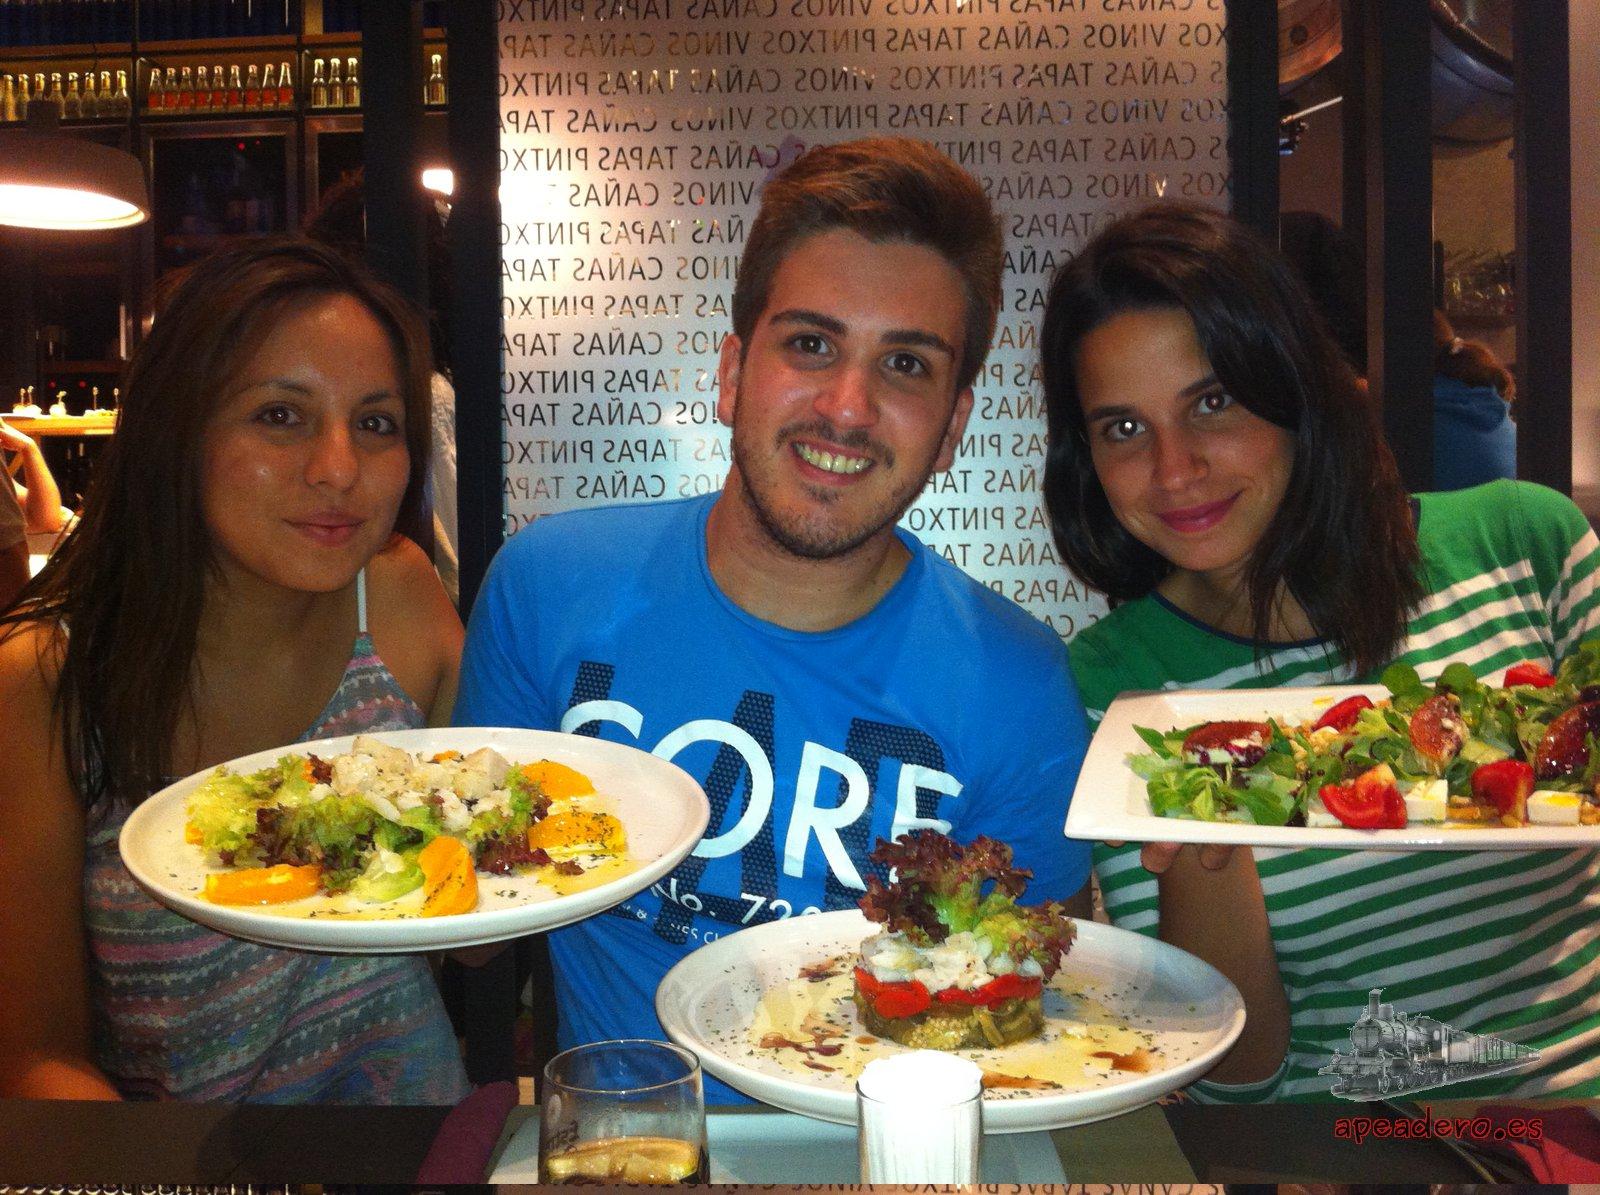 La gastronomía de Astorga no va a decepcionar a nadie.